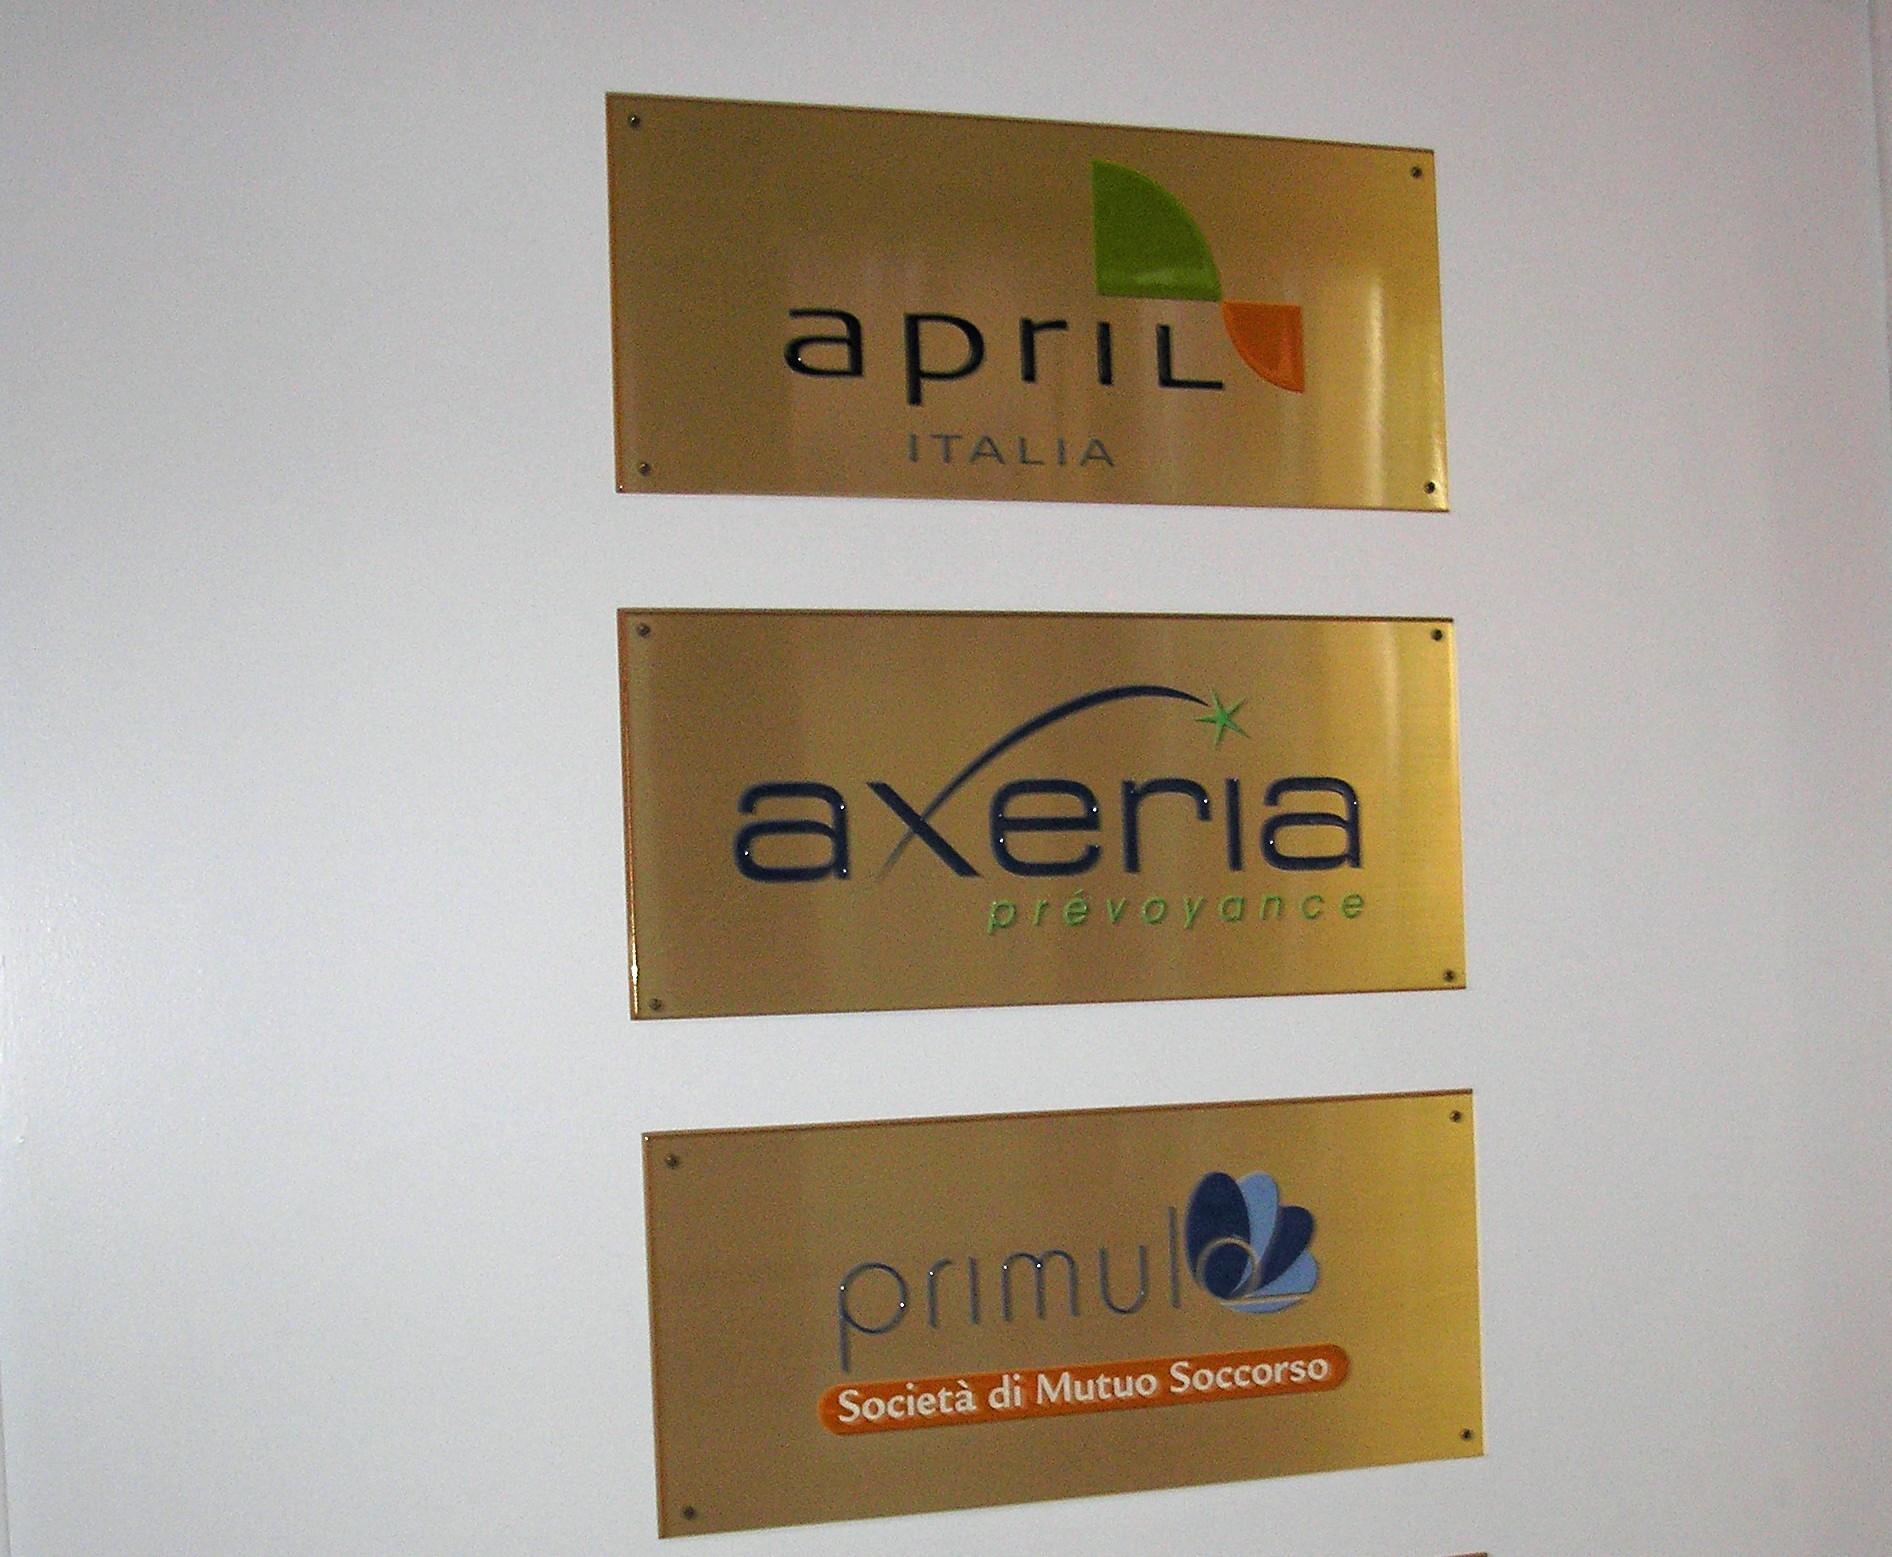 La sede di April Italia